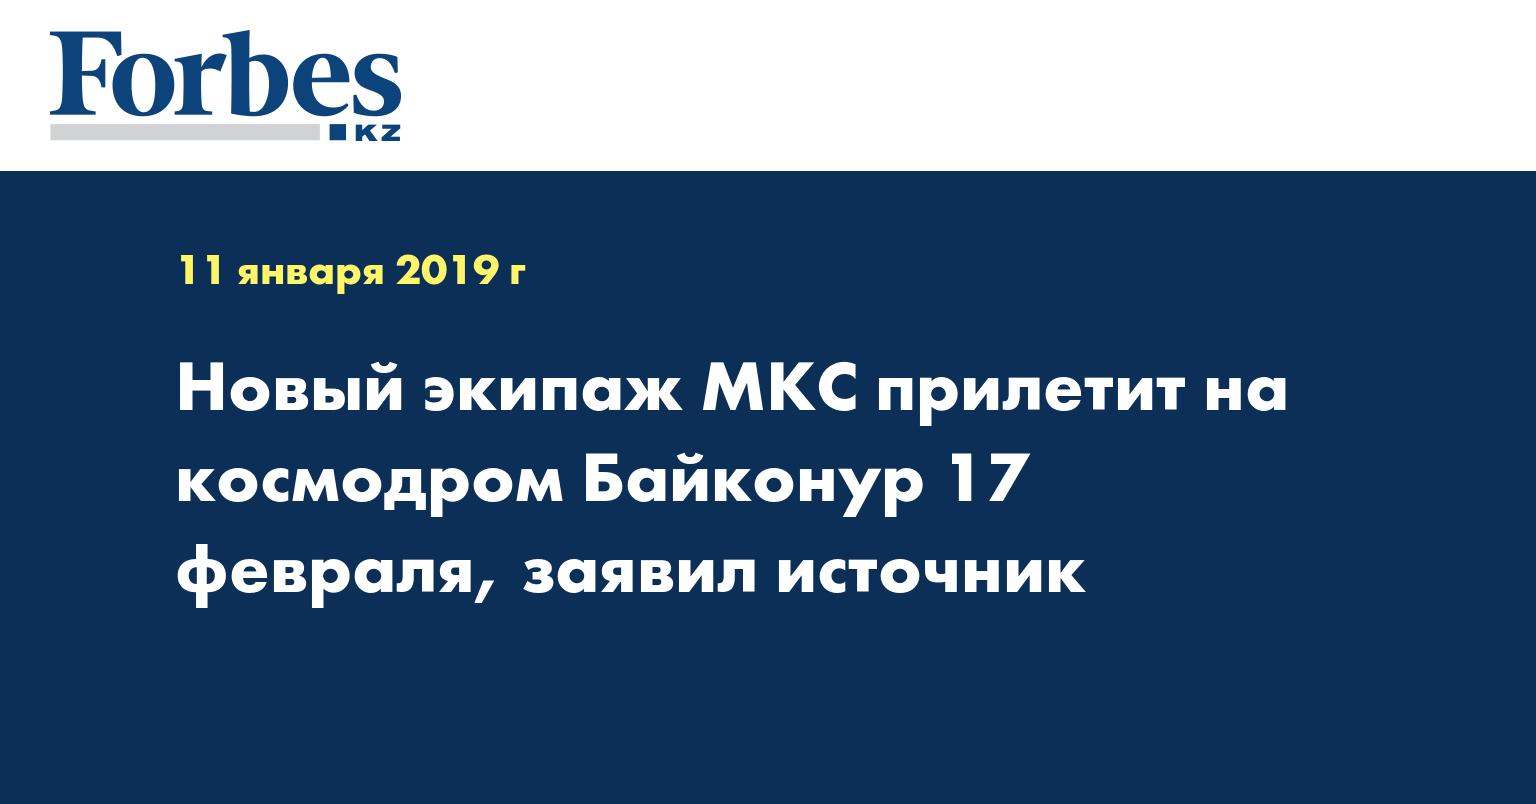 Новый экипаж МКС прилетит на космодром Байконур 17 февраля, заявил источник